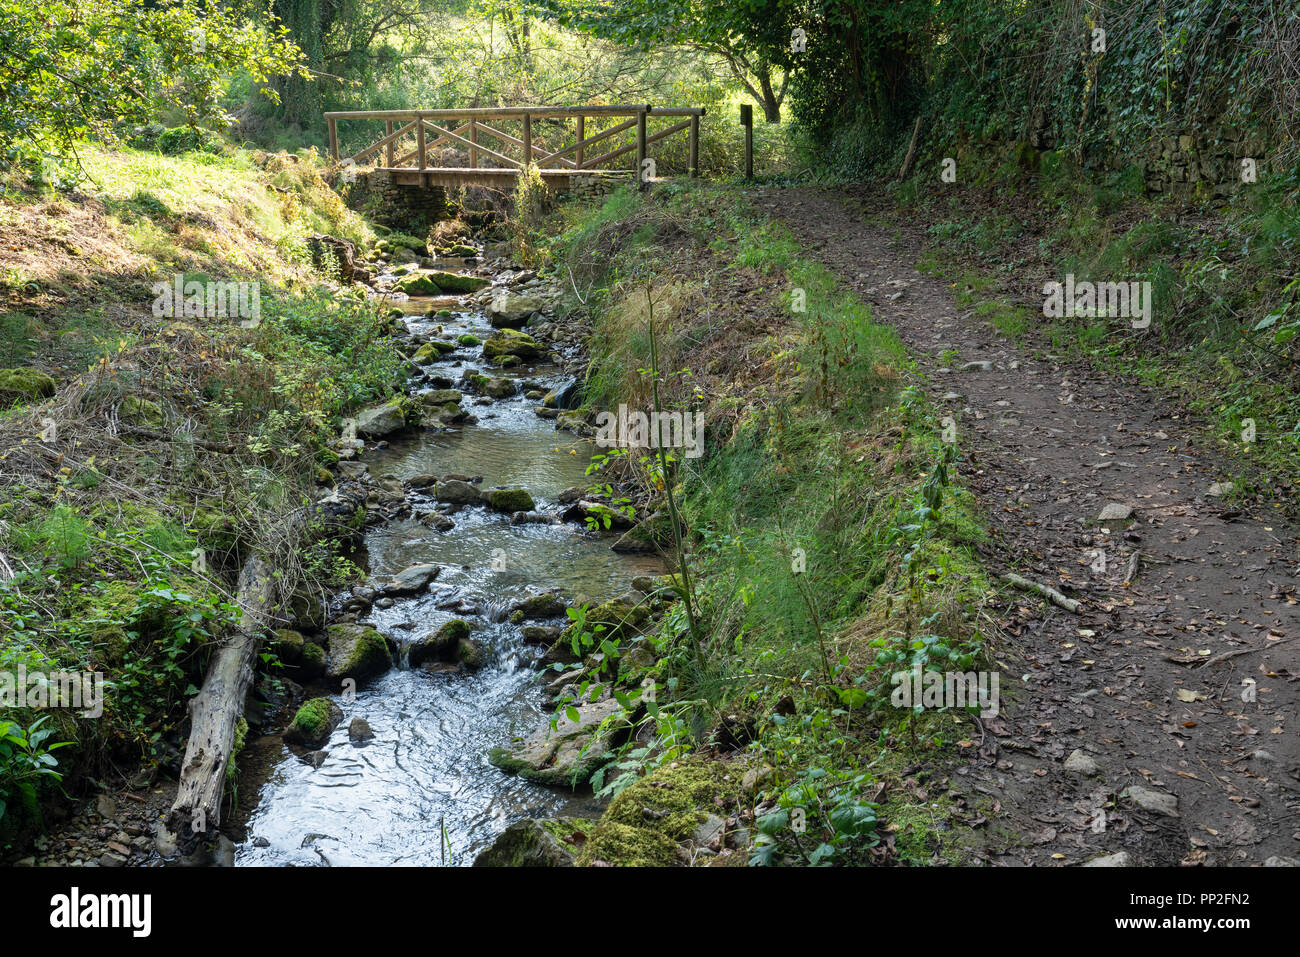 Camino de Santiago trail between Grado and Salas, Asturias, Spain - Stock Image